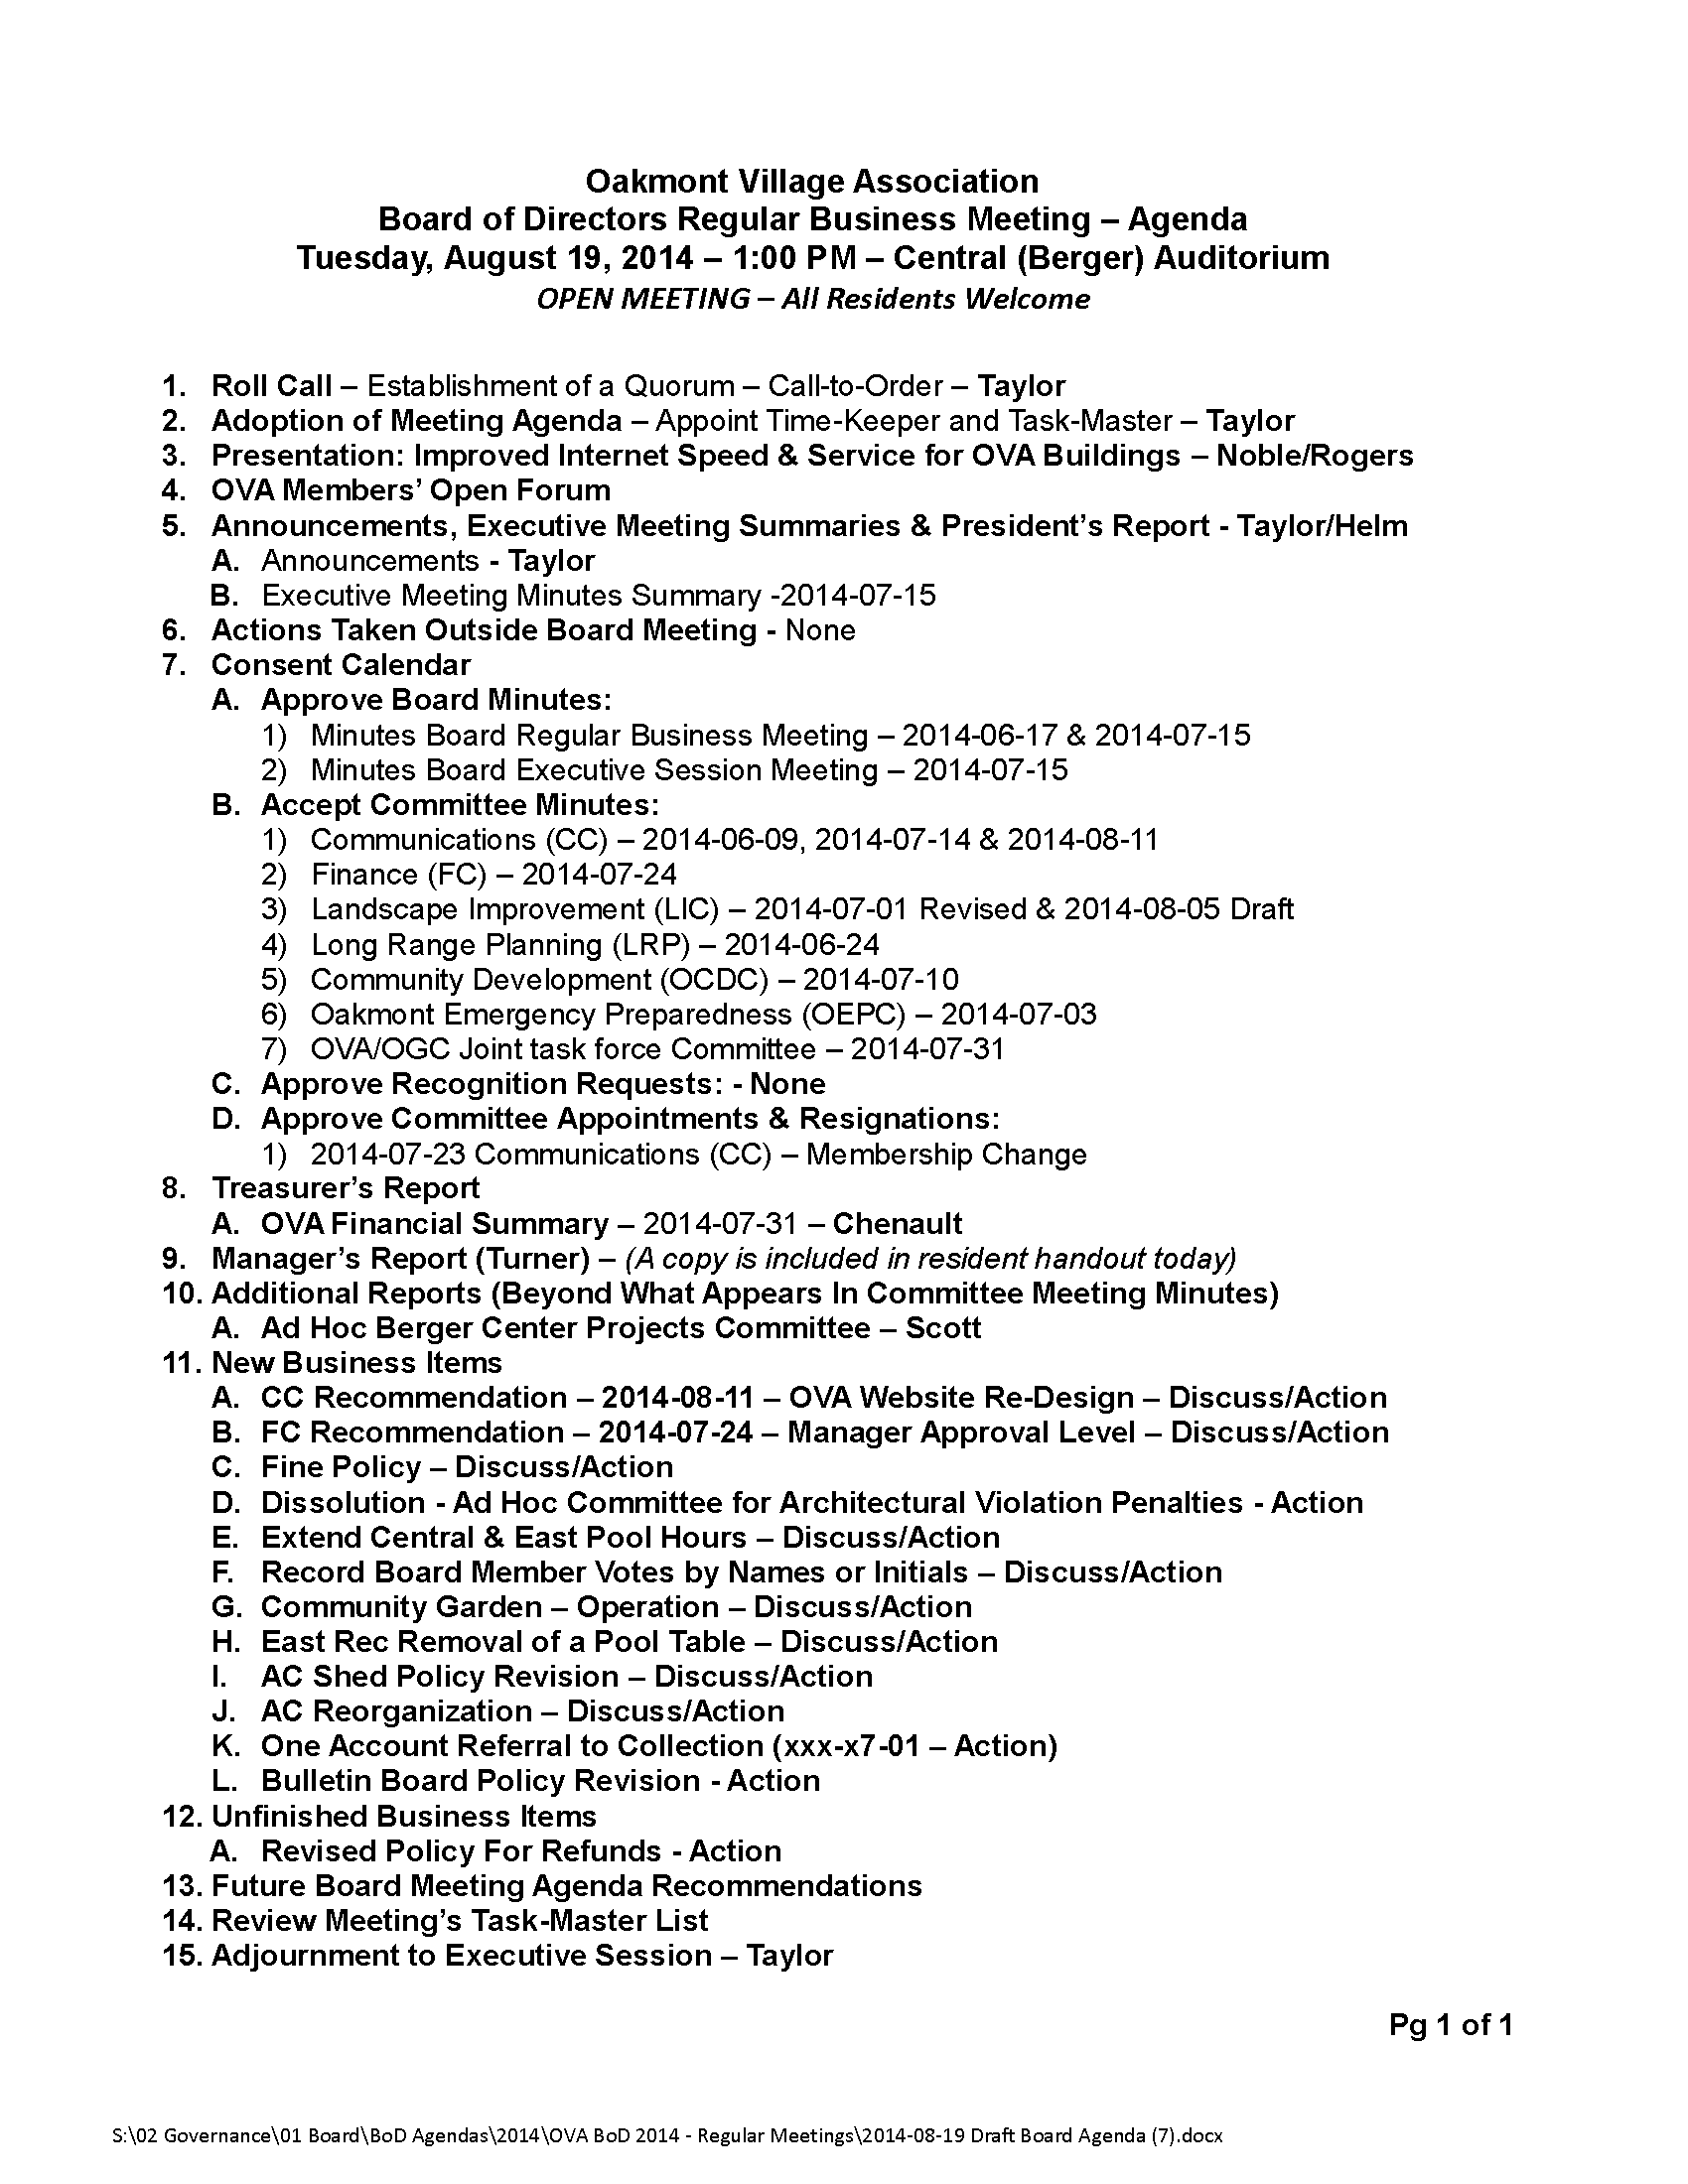 2014-08-19 Board Agenda (7)